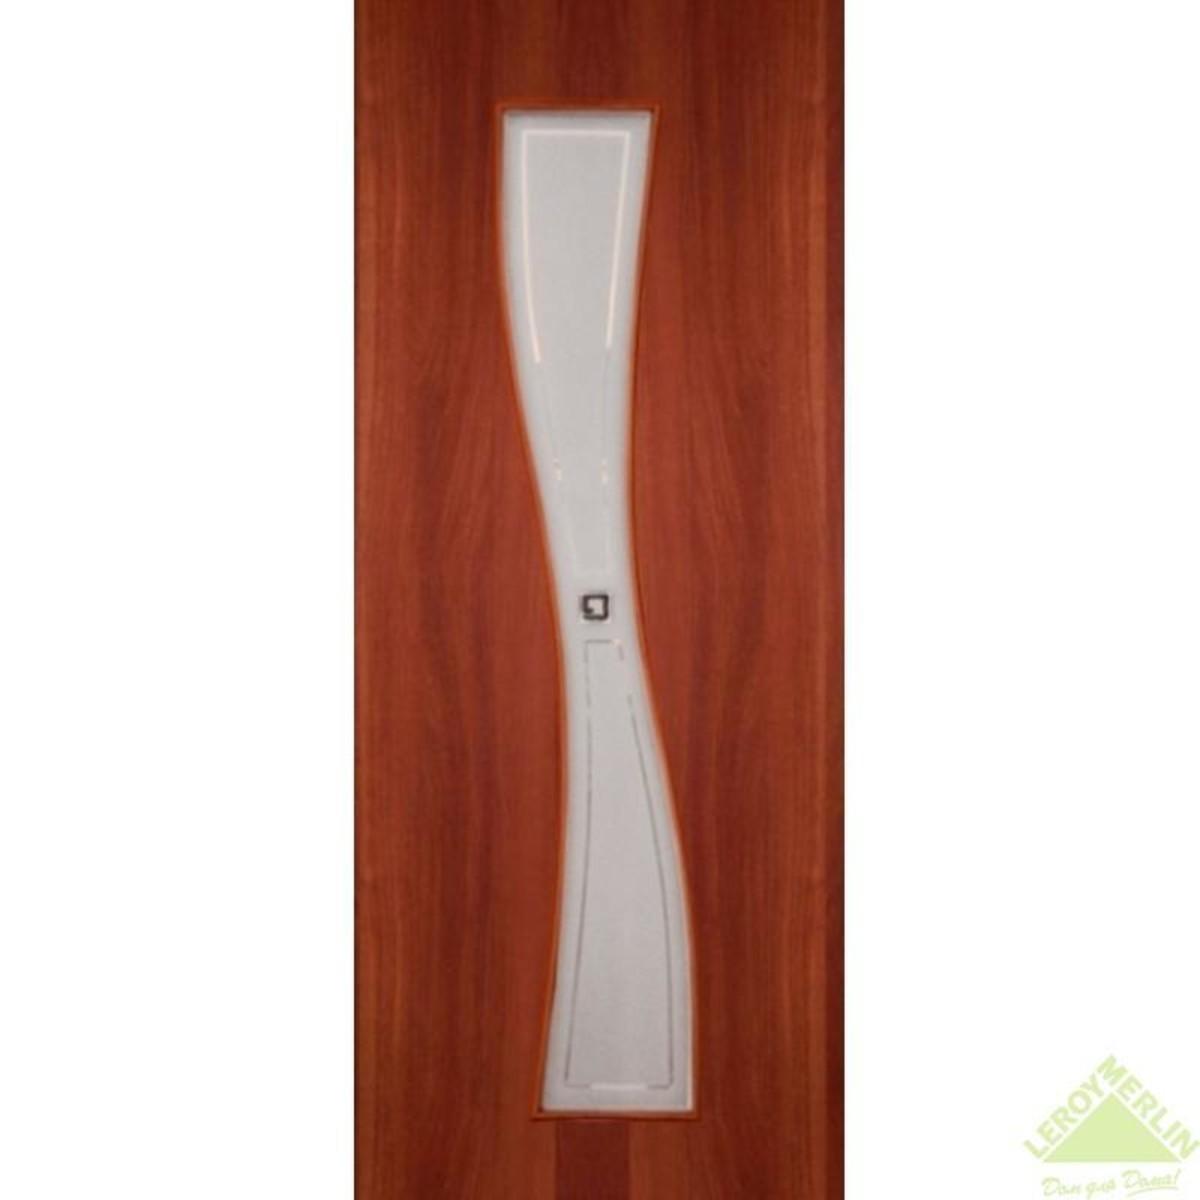 Дверь Межкомнатная Остеклённая Сезия 800x2000 Ламинация Итальянский Орех